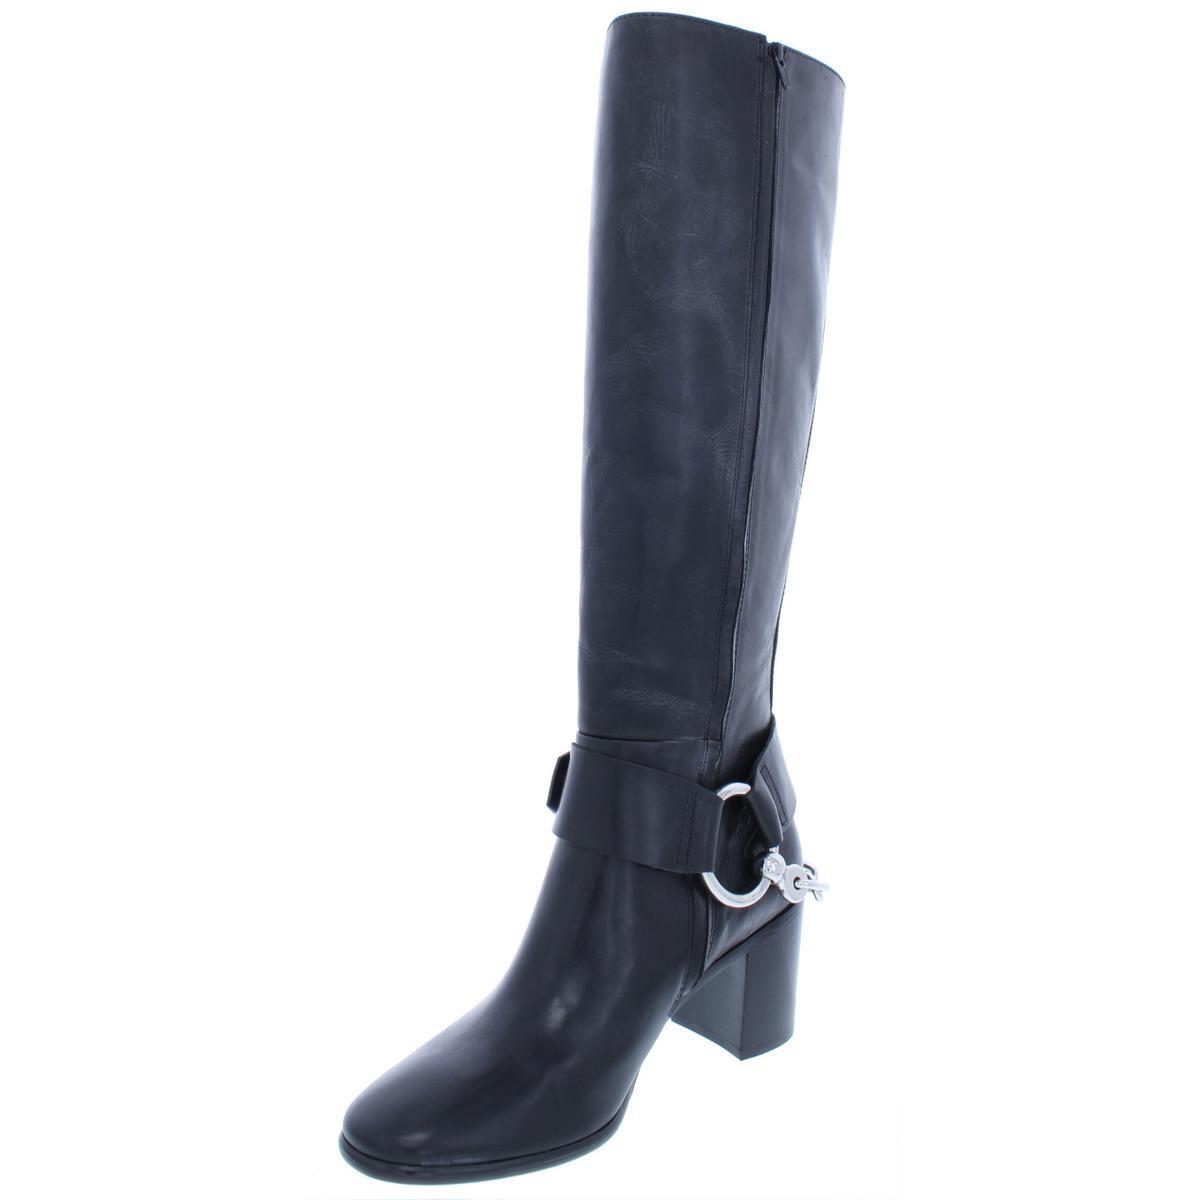 Frye Cuero Negro De Mujer Zapatos botas De Montar Julia Julia Julia 8.5 Medio (B, M) BHFO 3631  excelentes precios